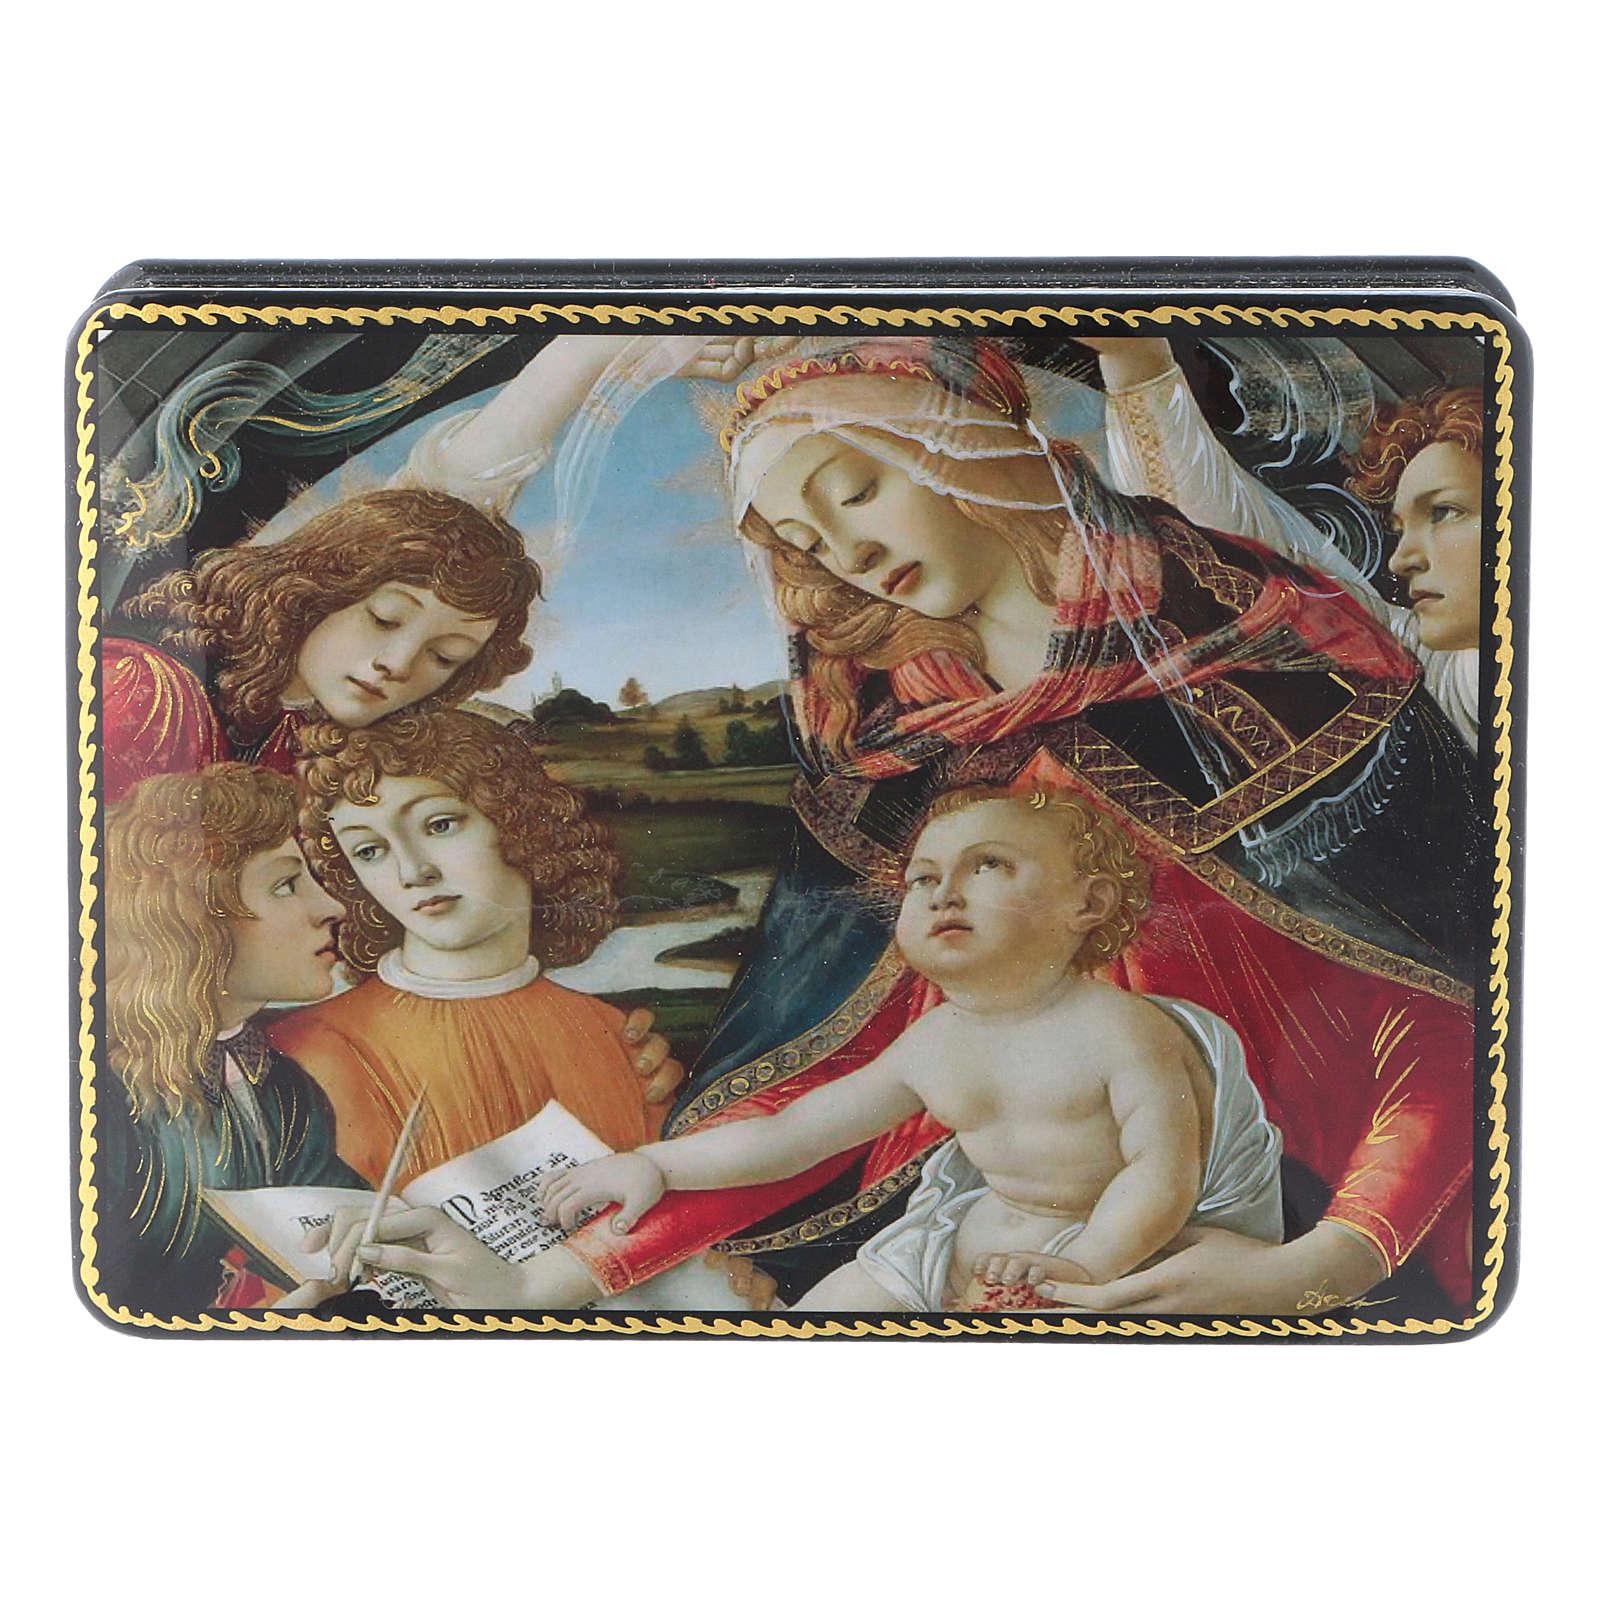 Lacca russa Papier-mâché Adorazione Bambino S. Giovannino Fedoskino style 15x11 4